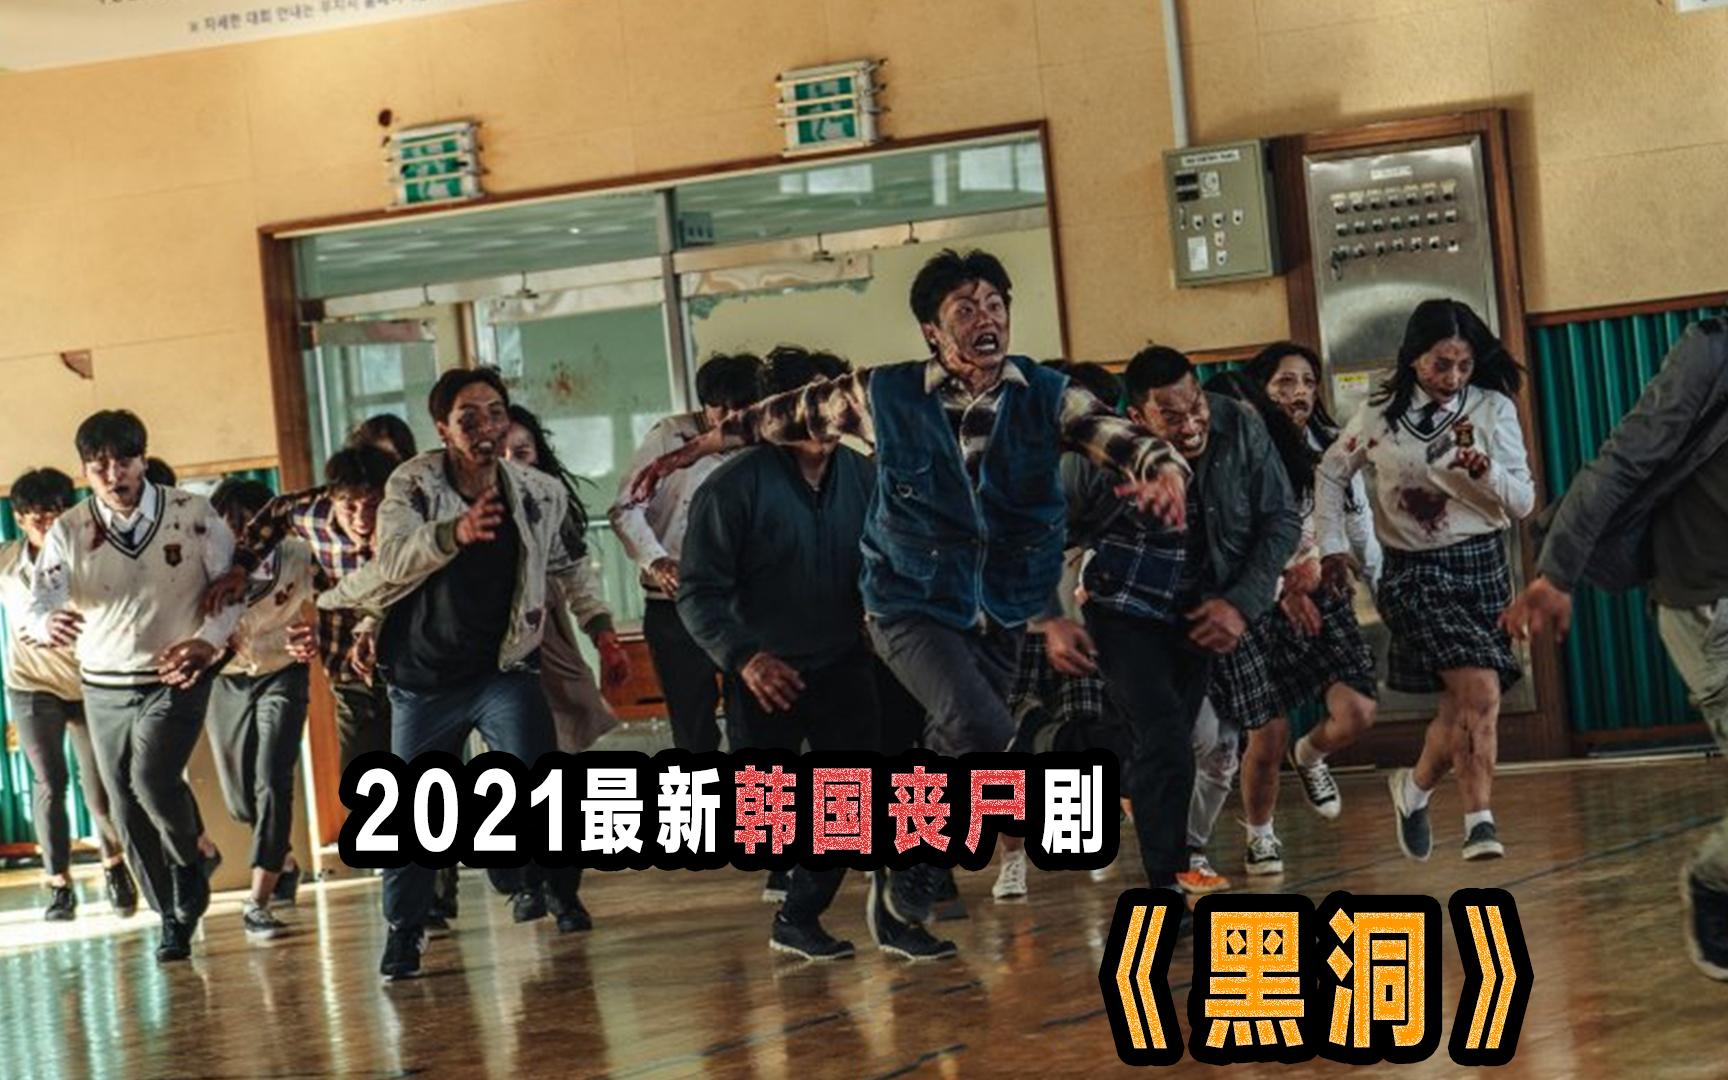 10分钟看完2021韩国丧尸大剧《黑洞》,尸怪横行一夜灾变